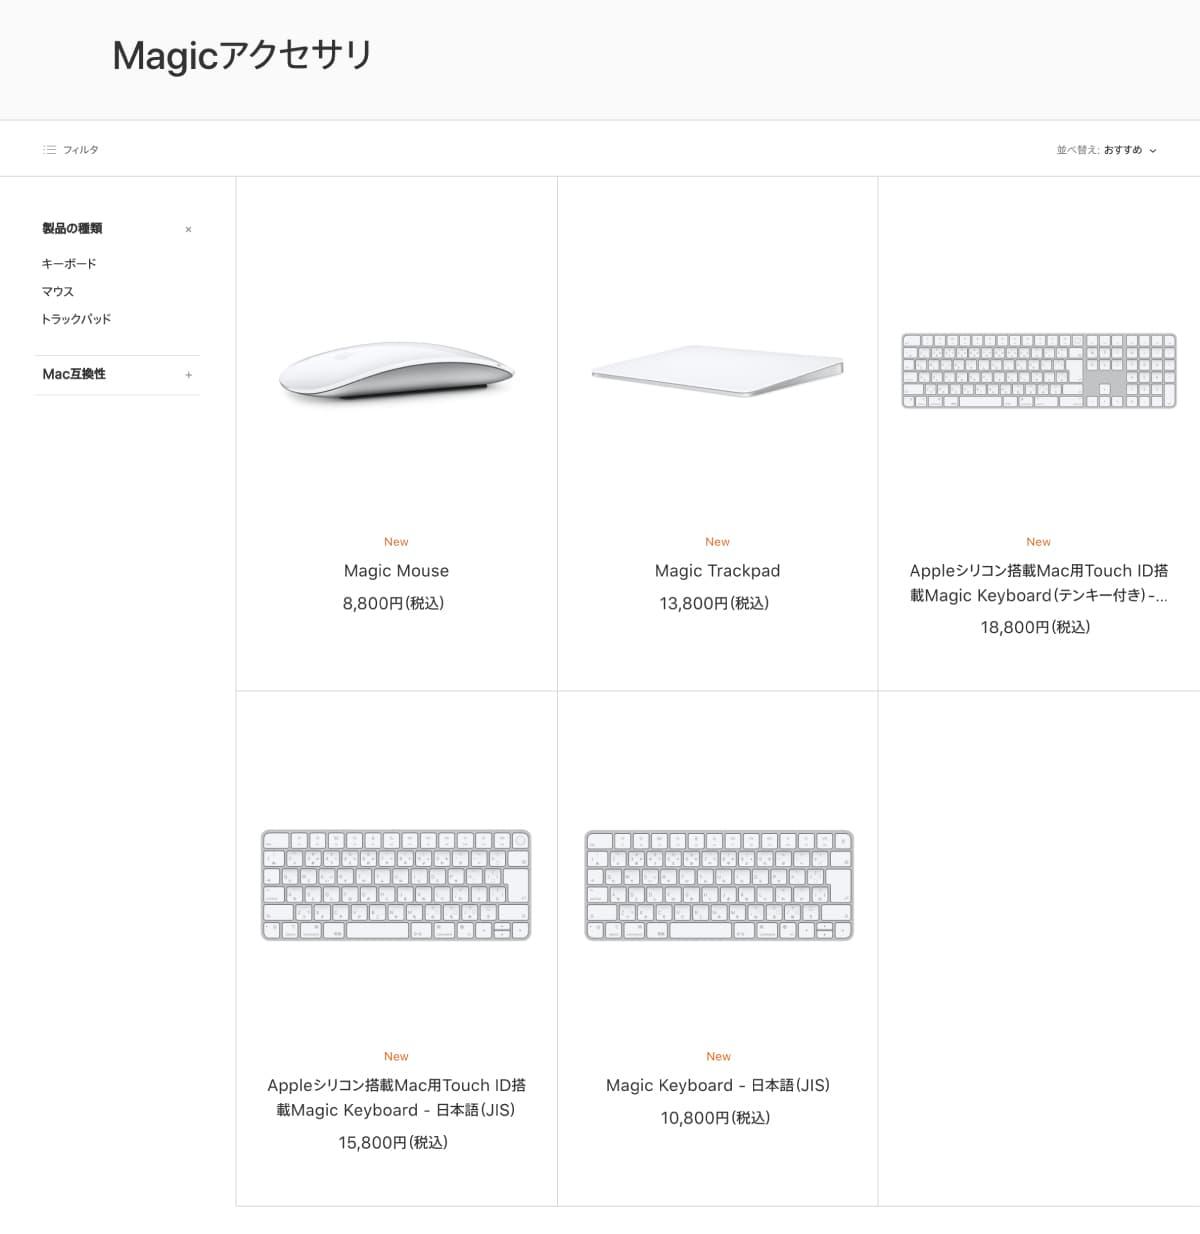 Magic Keyboard 3・Magic Mouse 3・Magic Trackpad 3